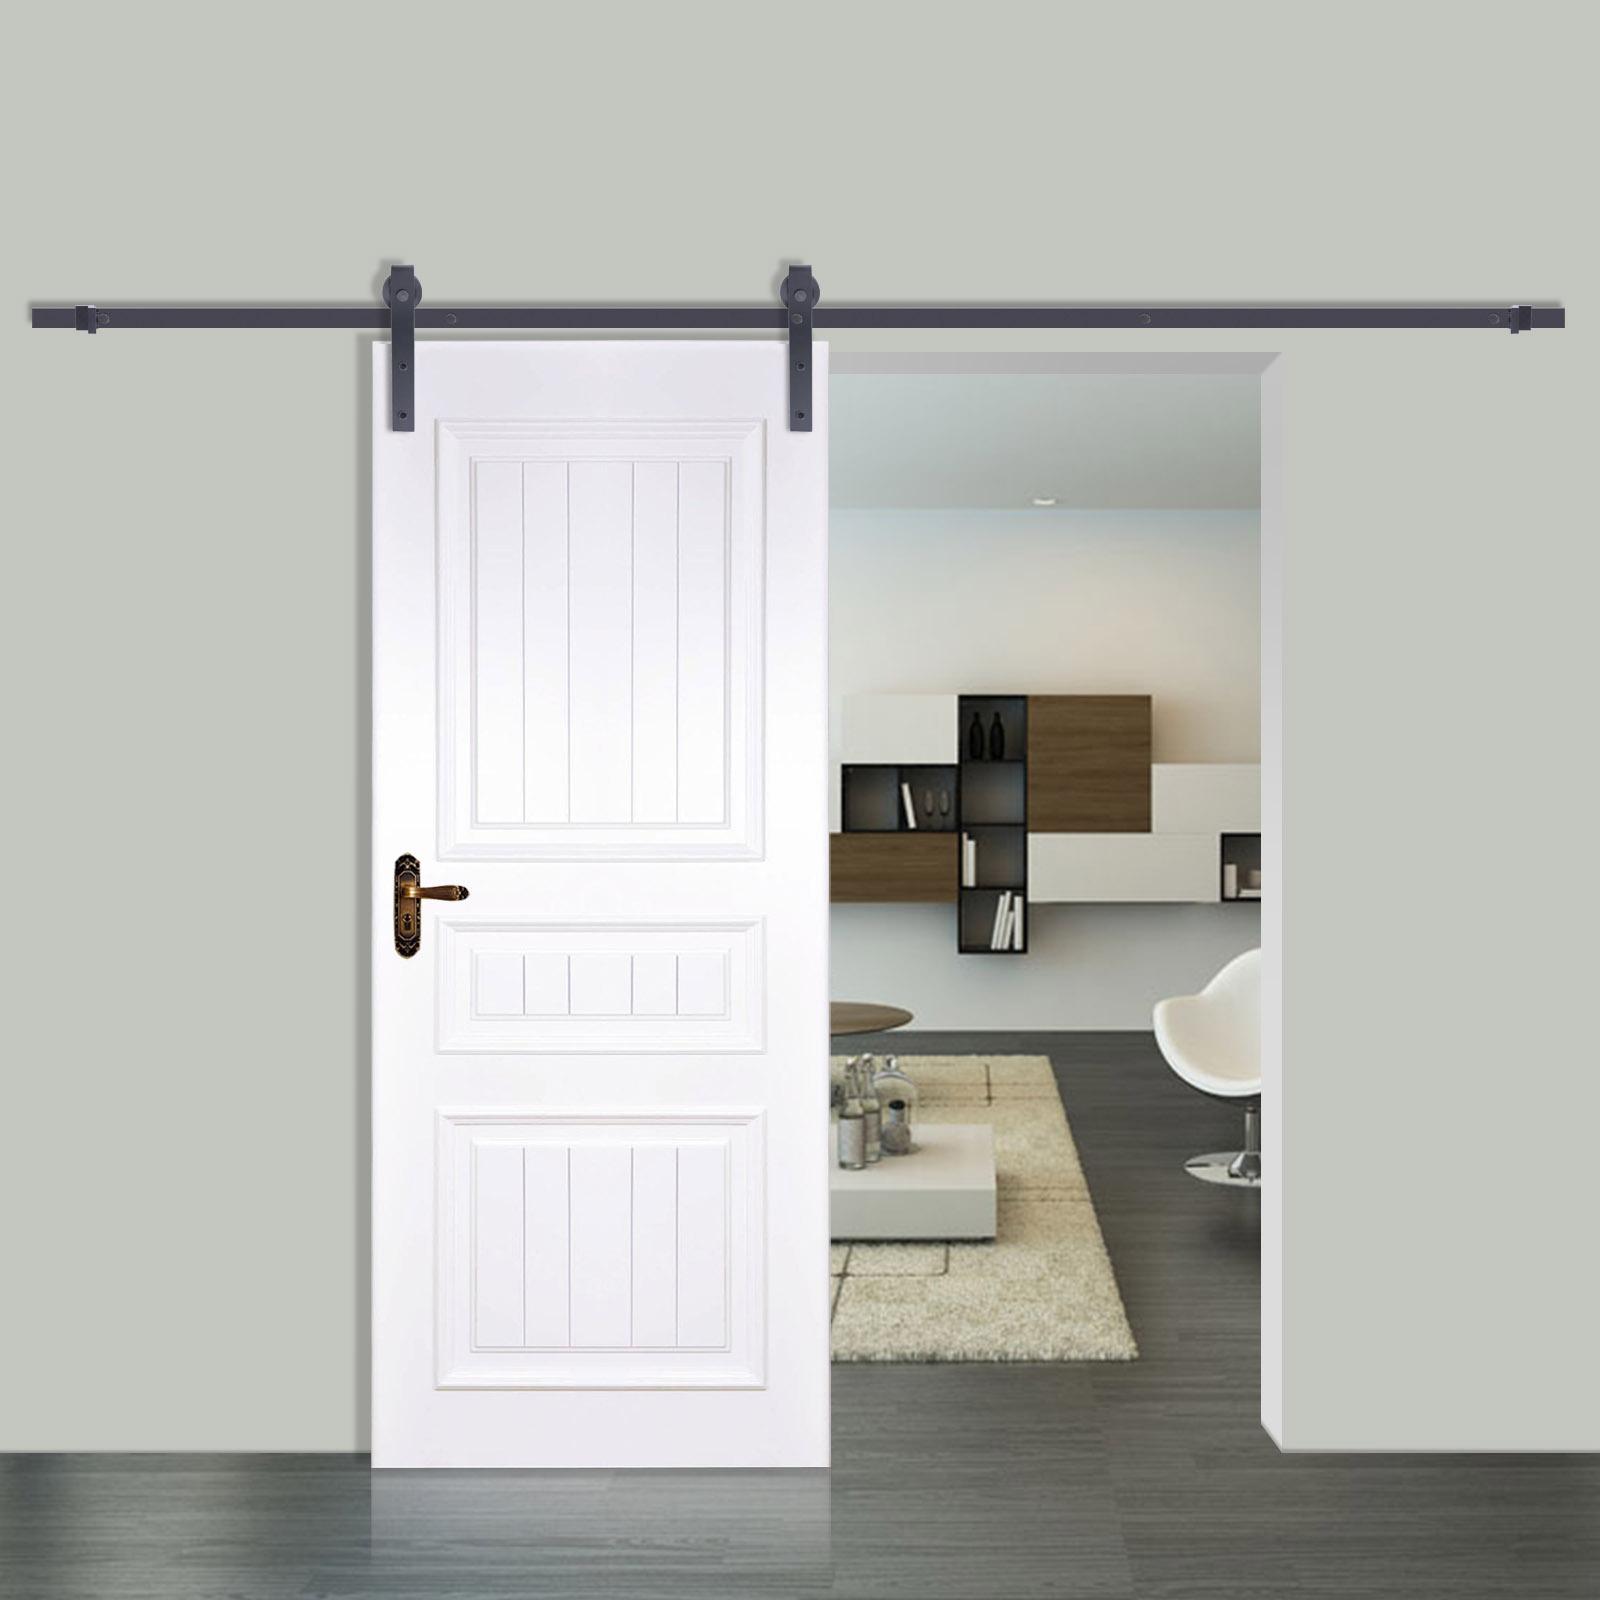 6 6 6 10 12ft rustic black double sliding barn door